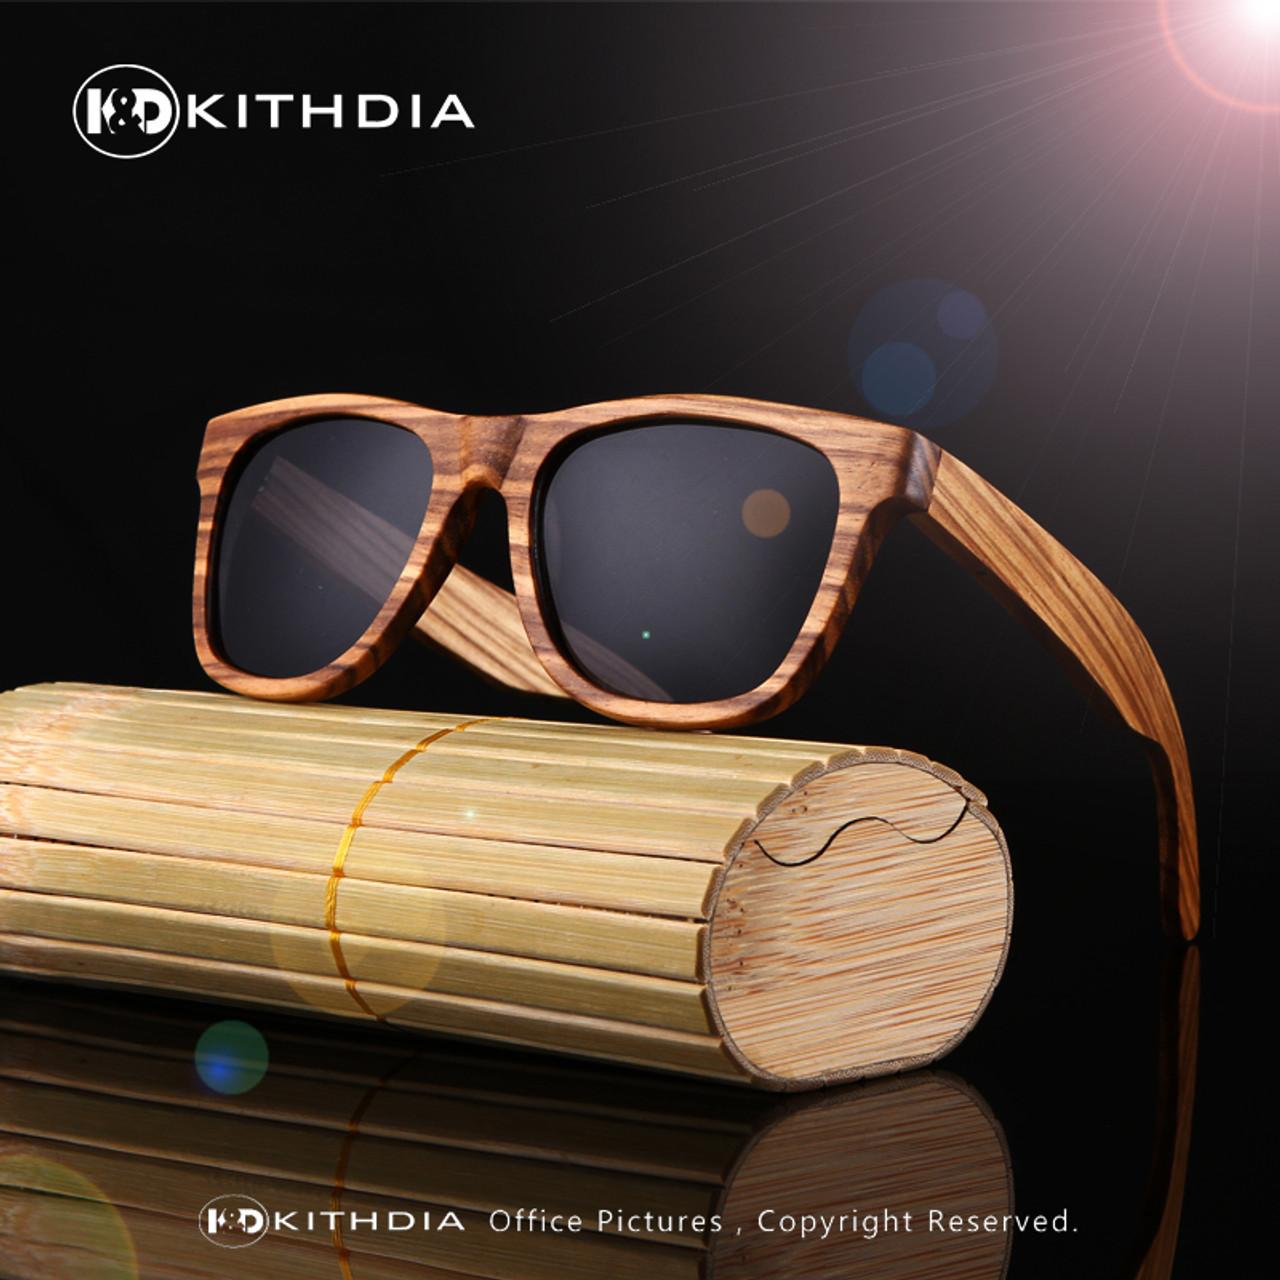 701fca46482 KITHDIA New 100% Real Zebra Wood Sunglasses Polarized Handmade Bamboo Mens  Sunglass Sun glasses Men Gafas Oculos De Sol Madera - OnshopDeals.Com